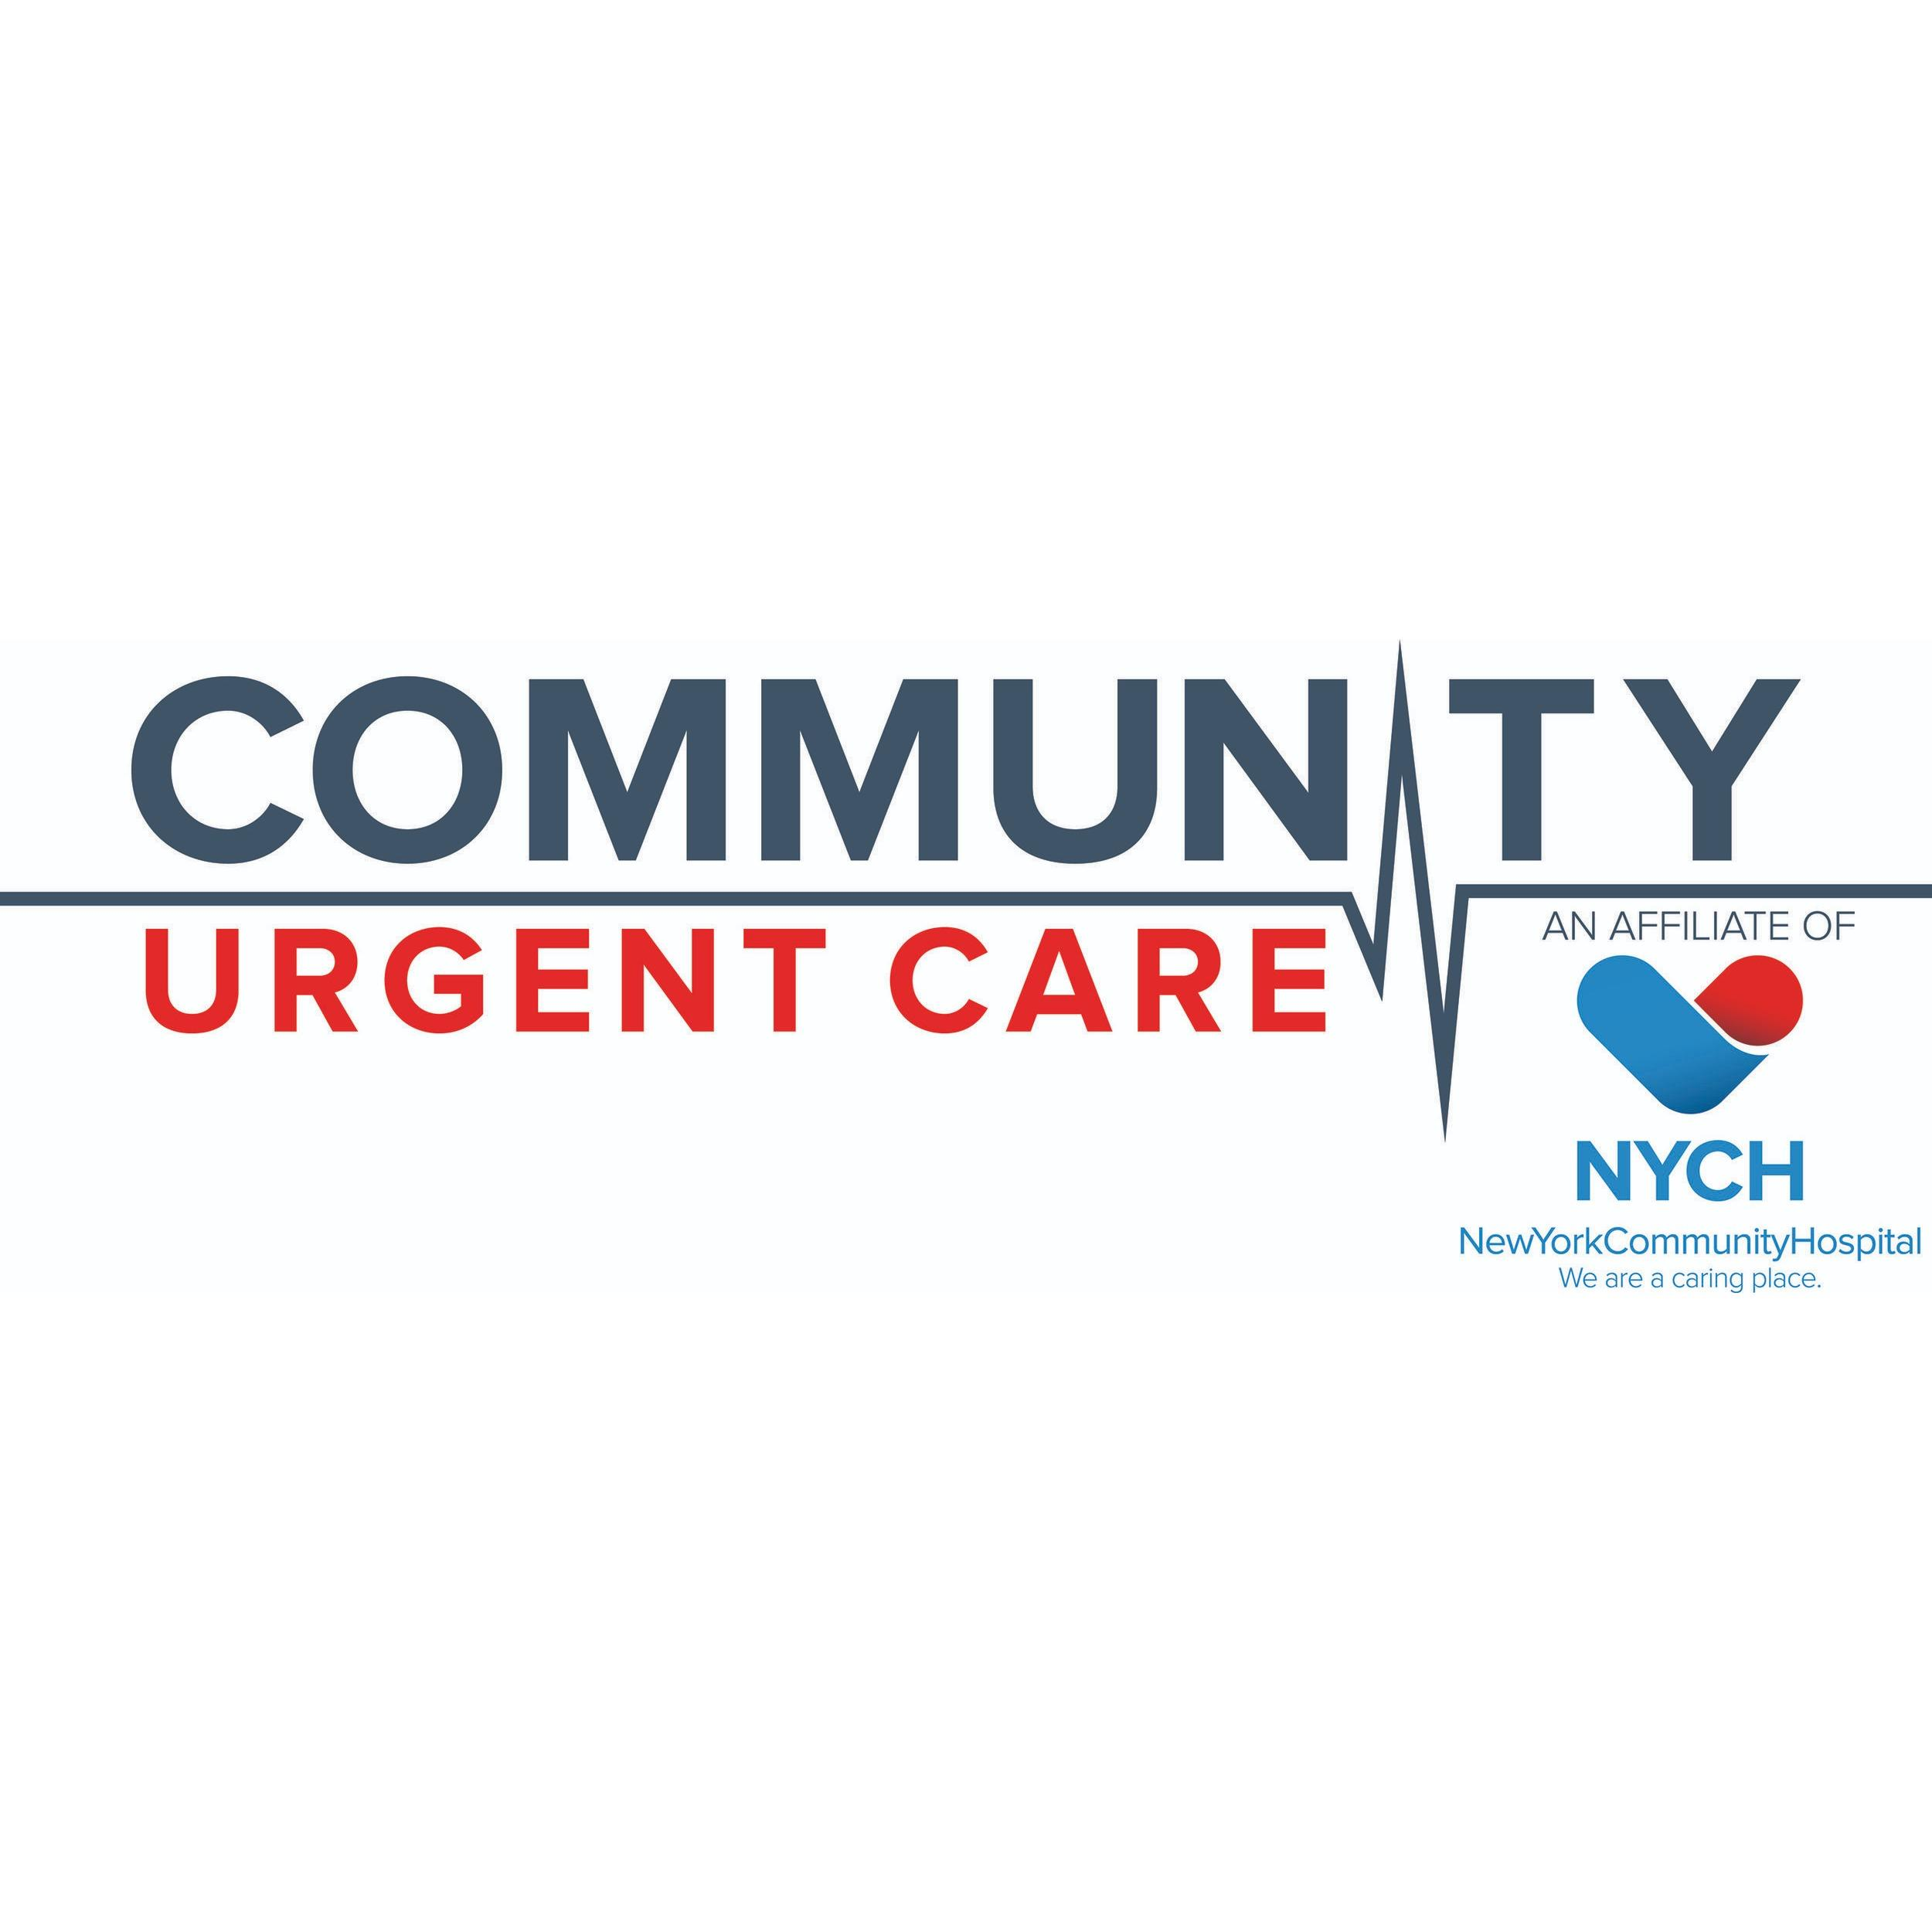 Community Urgent Care